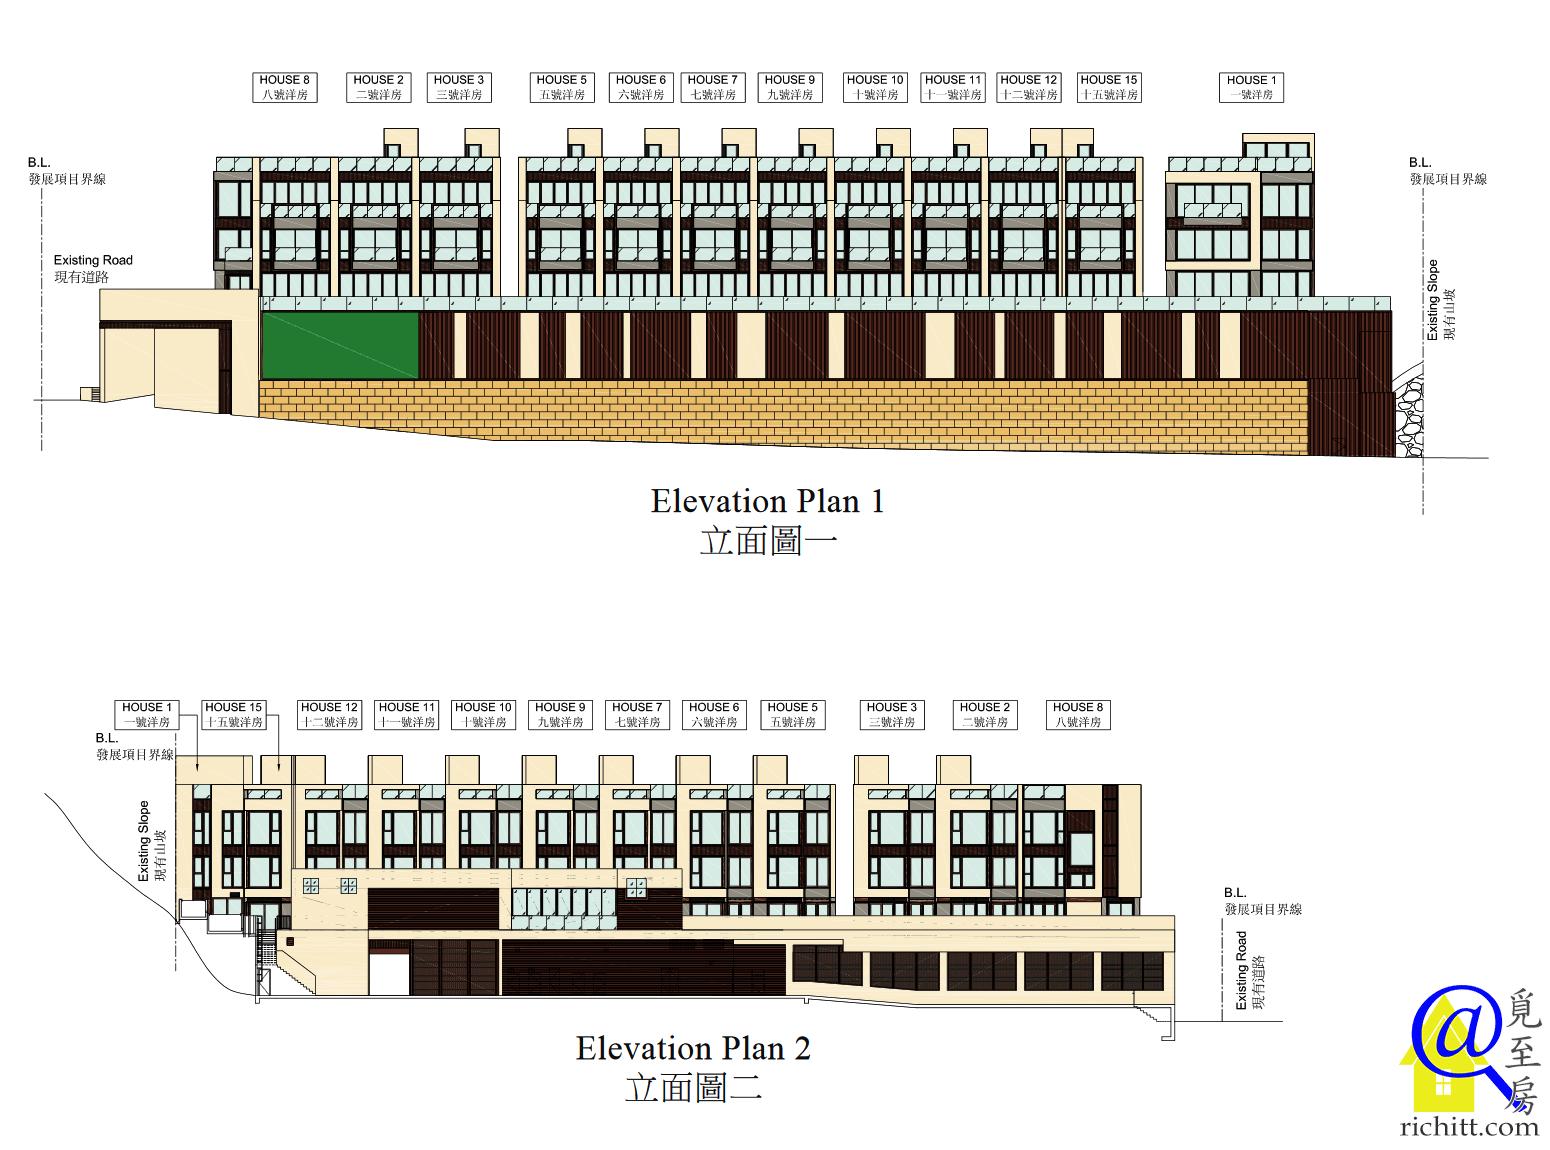 50 STANLEY VILLAGE ROAD 立面圖1及2